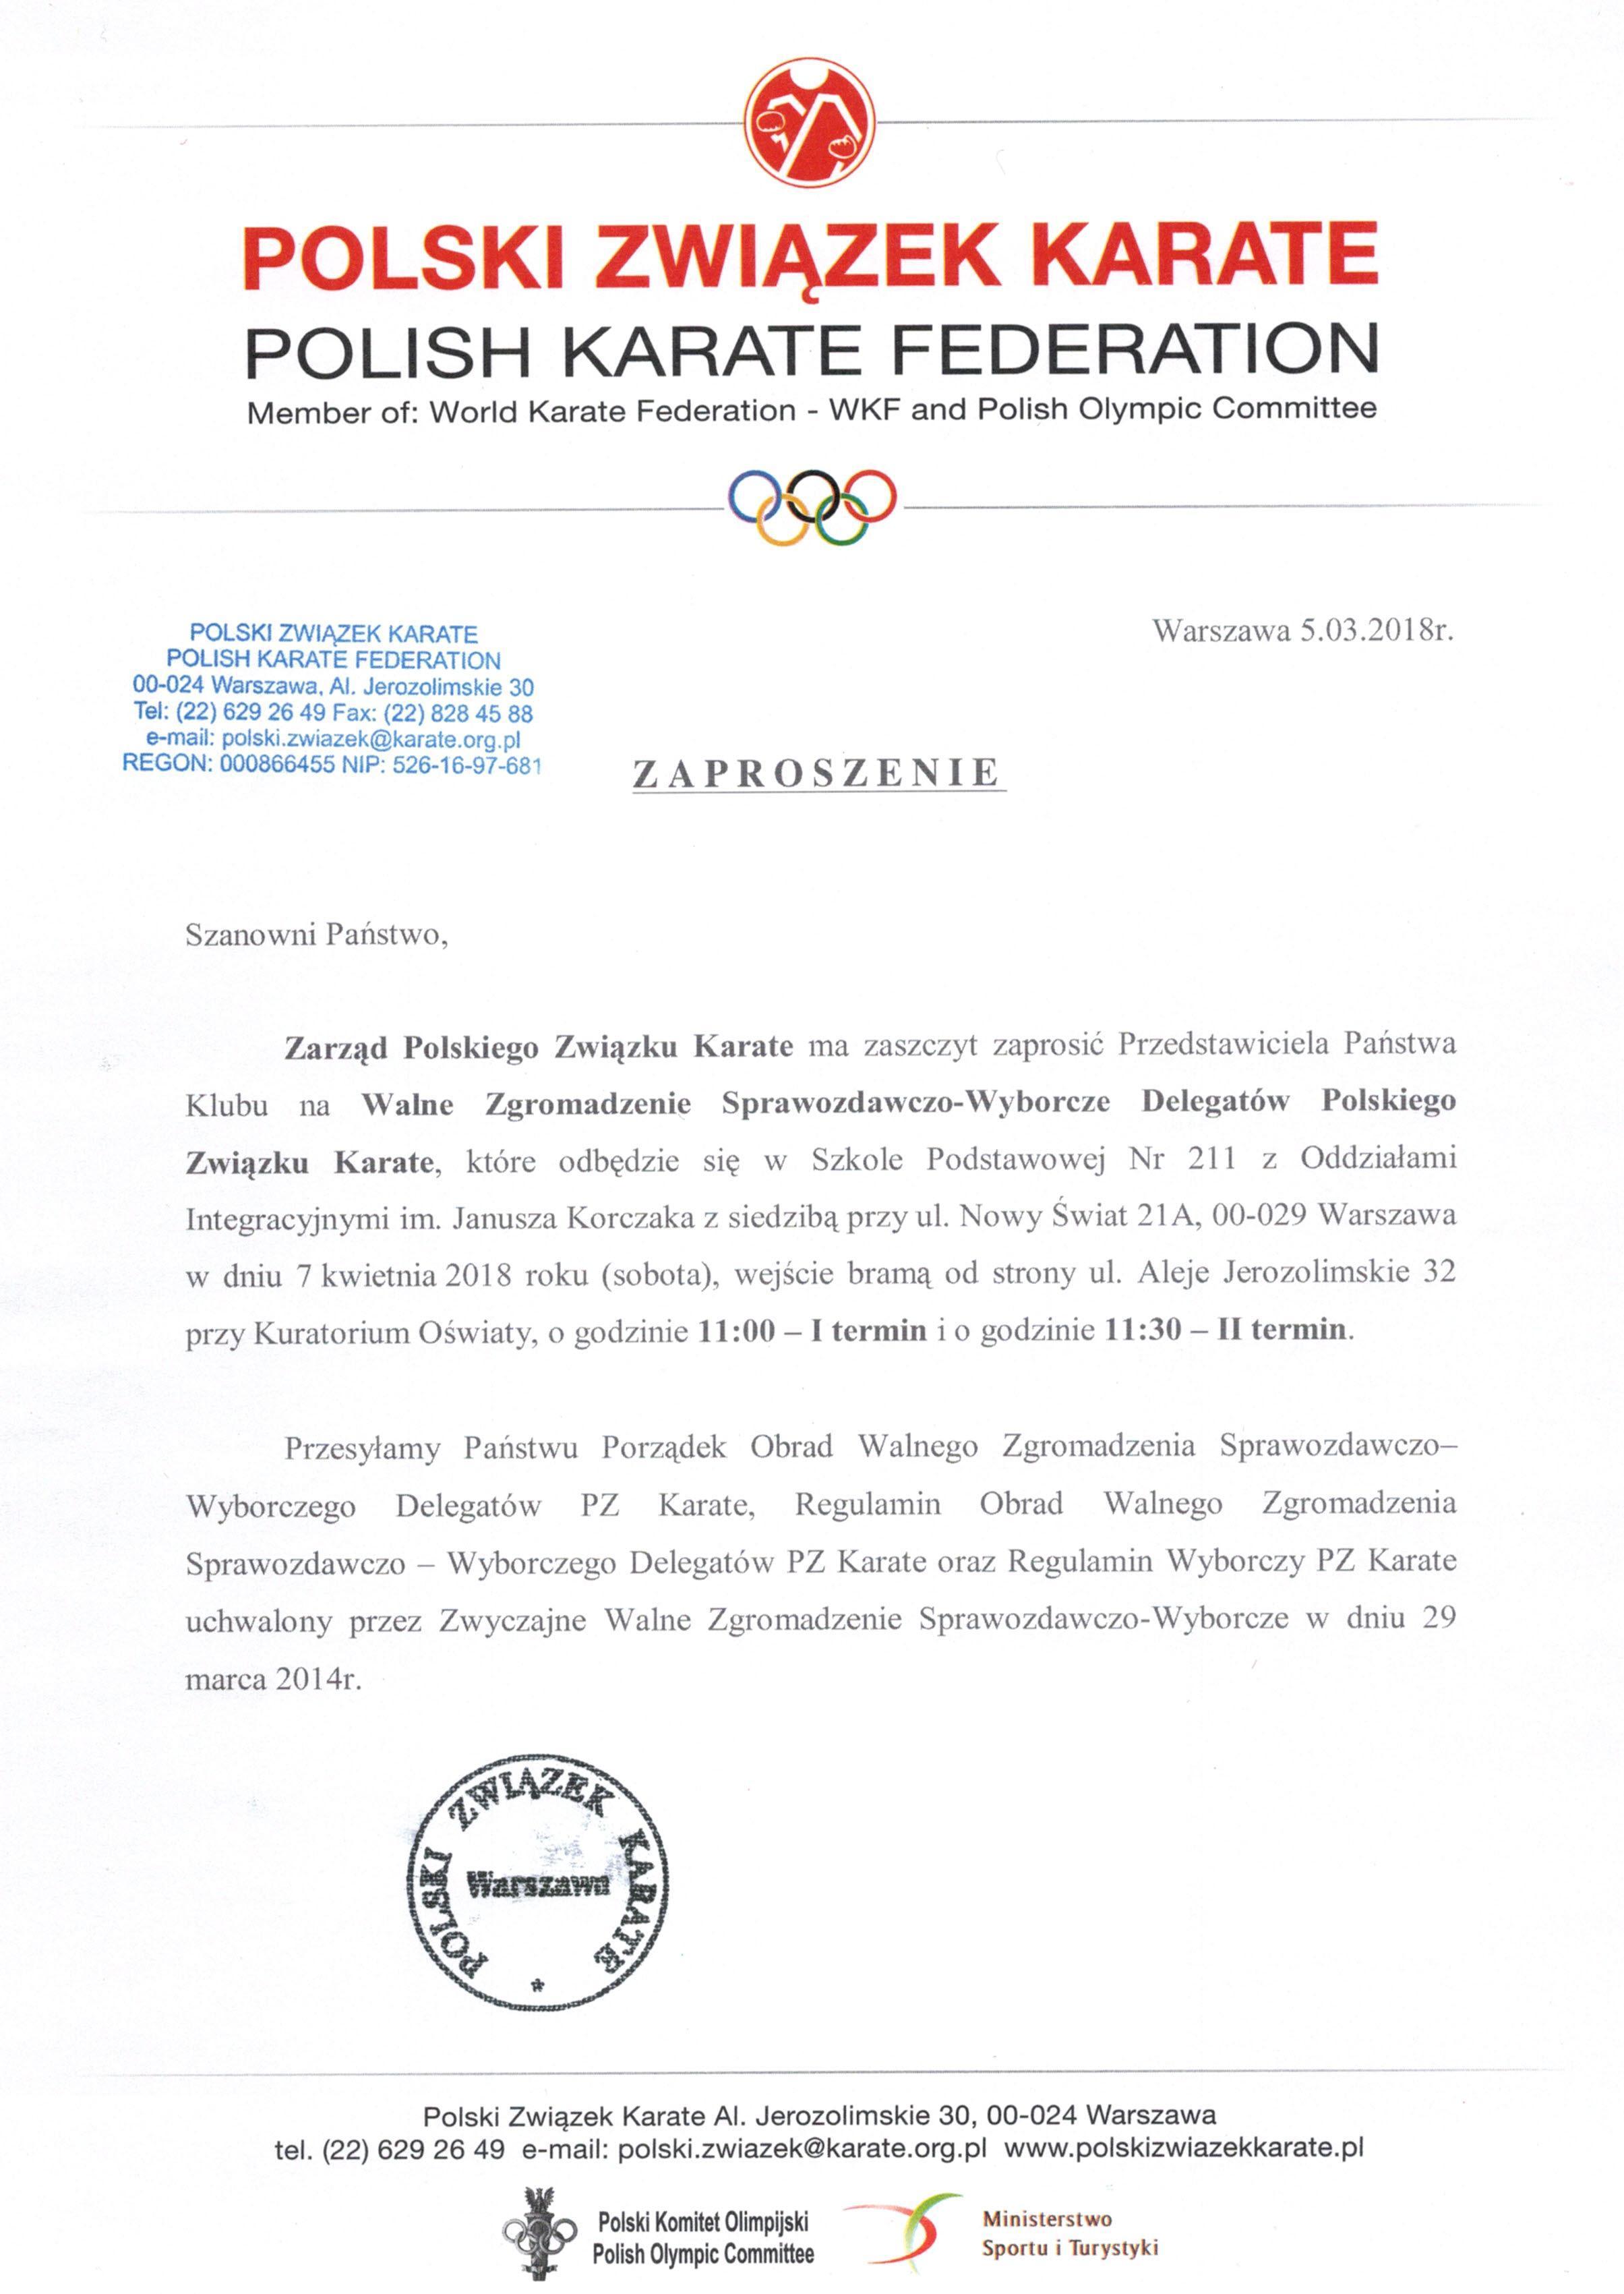 Polski Związek Karate Kiona Archiwum Zaproszenie Na Walne